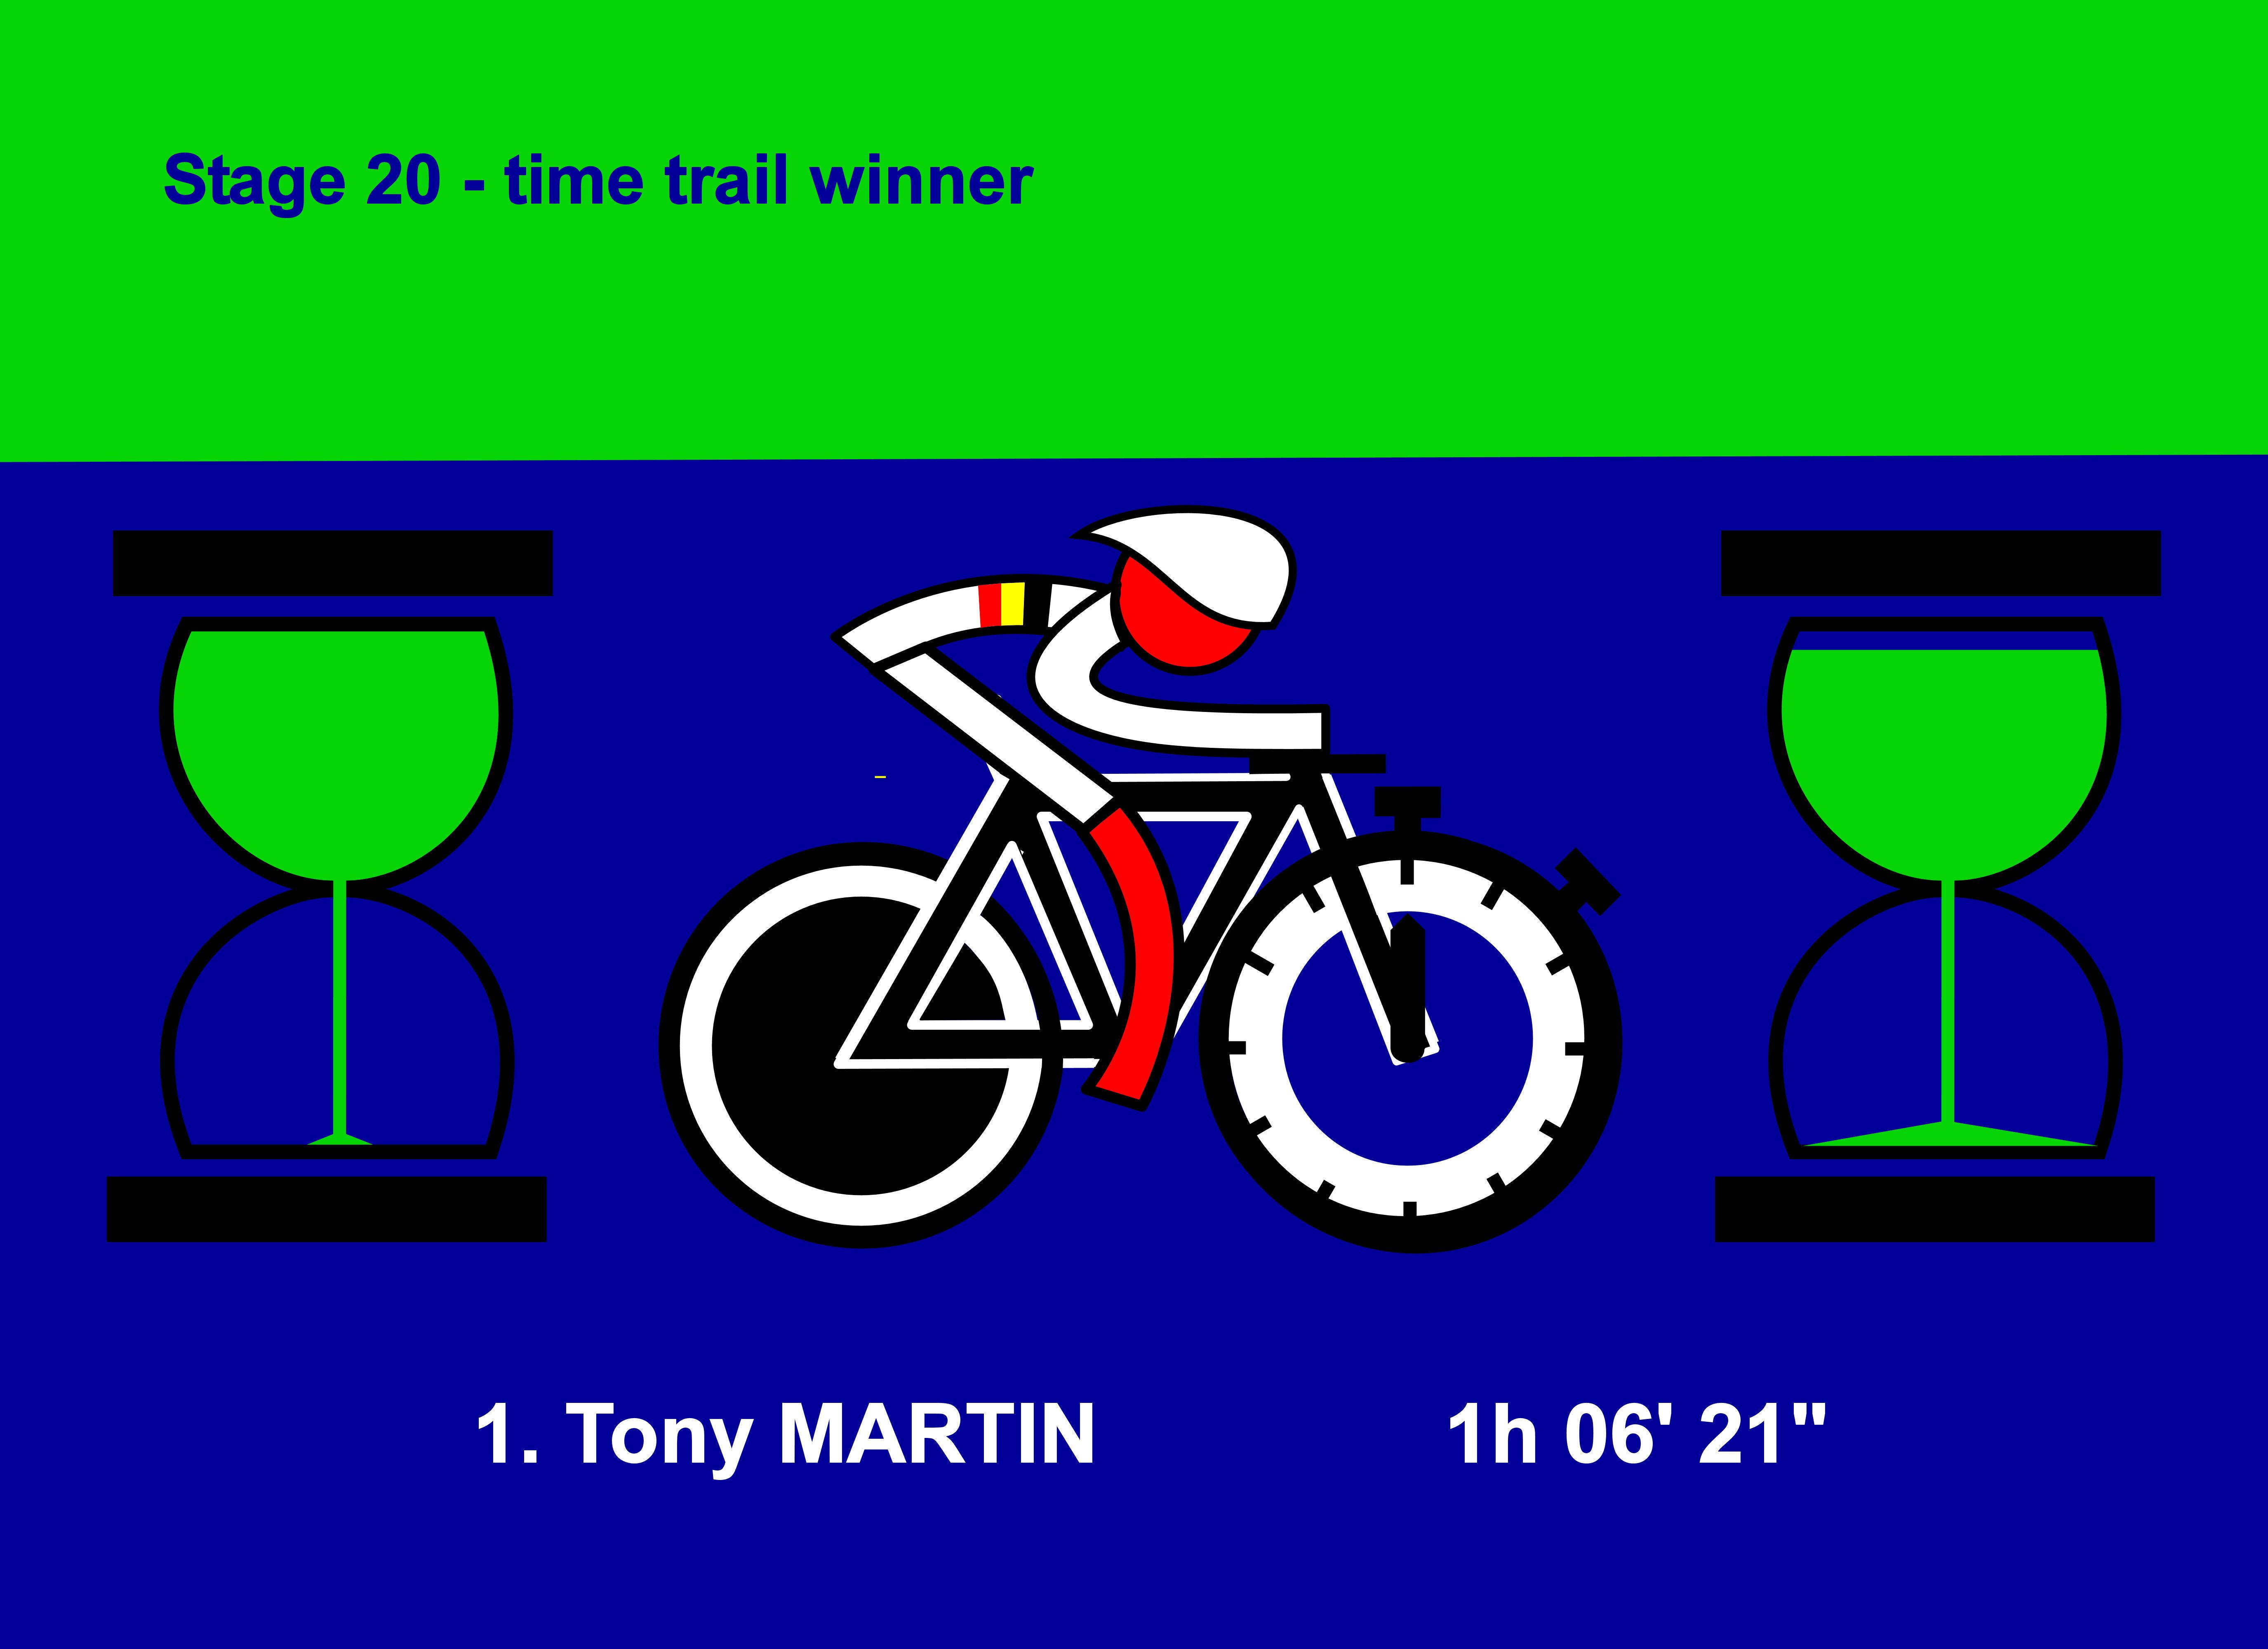 """Bergerac, Périgueux, time                                       trial, Stage 20, July 26th, Tony                                       MARTIN, 1h 06' 21"""", Tour de                                       France 2014, Tour de France,                                       Bergerac, Périgueux, piste de                                       temps, l'étape 20, le 26 Juillet,                                       Tony MARTIN, 1h 06 '21 """",                                       Tour de France 2014, Tour de                                       France"""